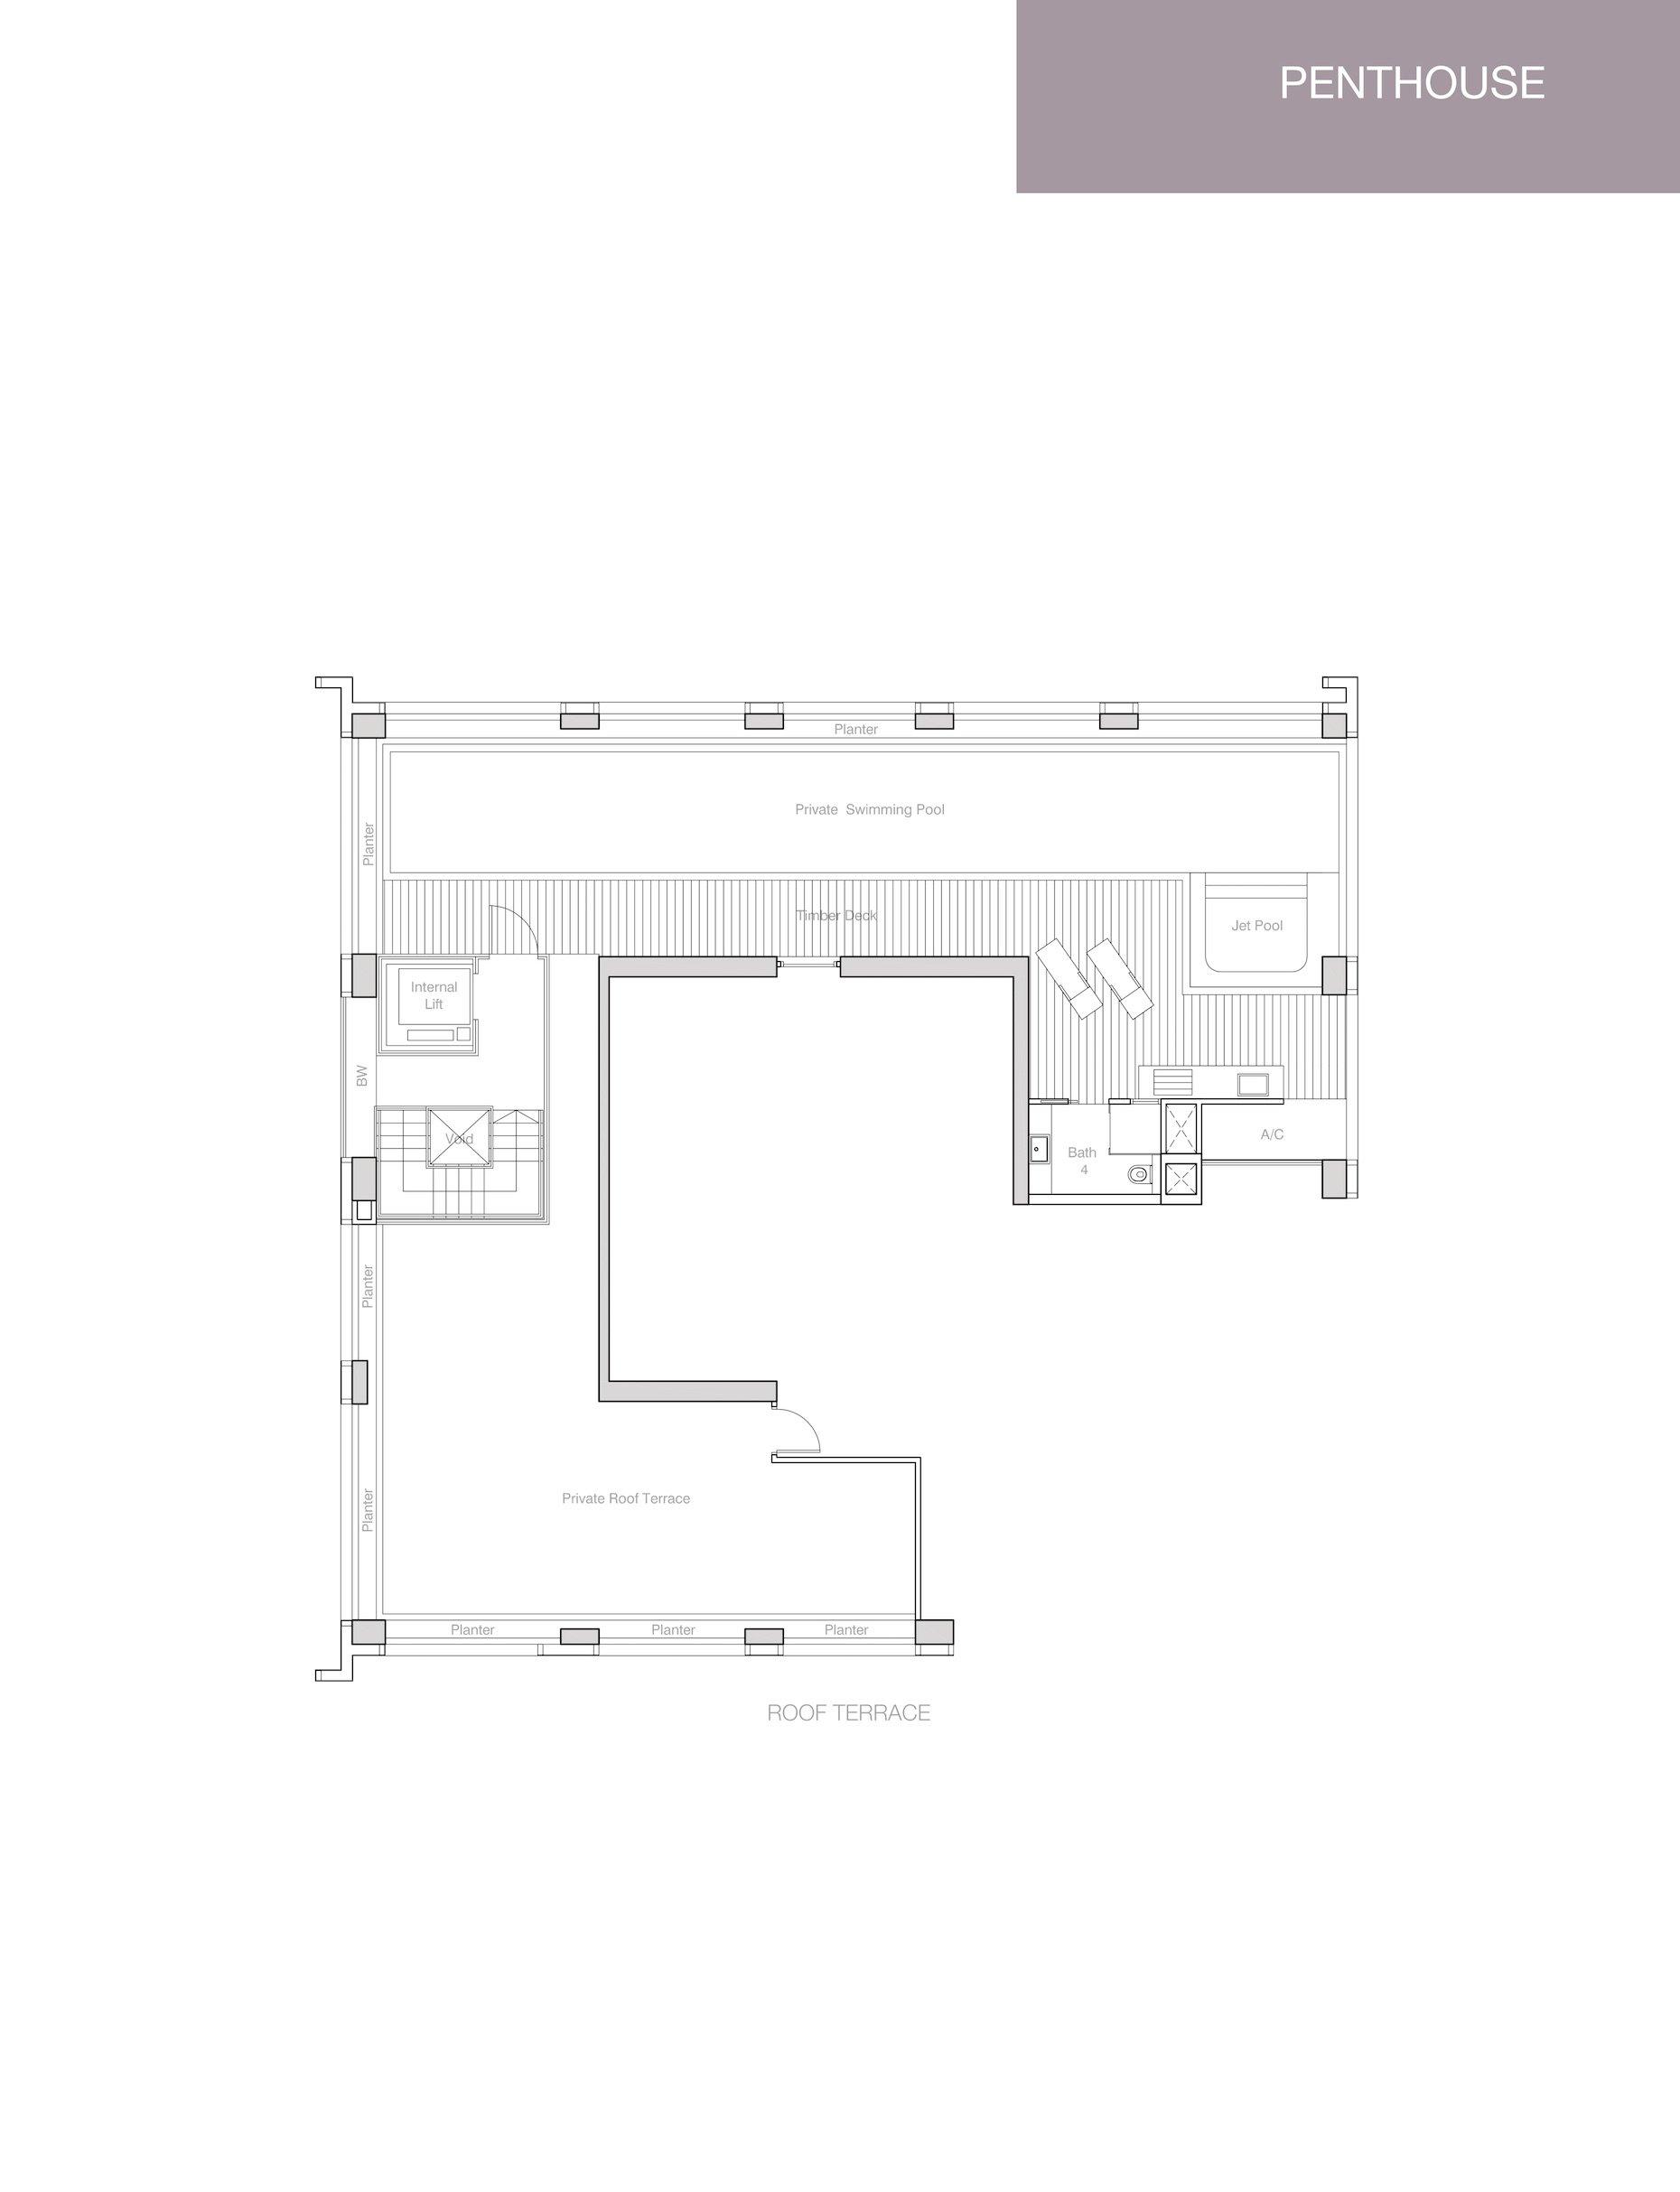 Nouvel 18 明筑公寓 floor plans PH1 36-01 roof